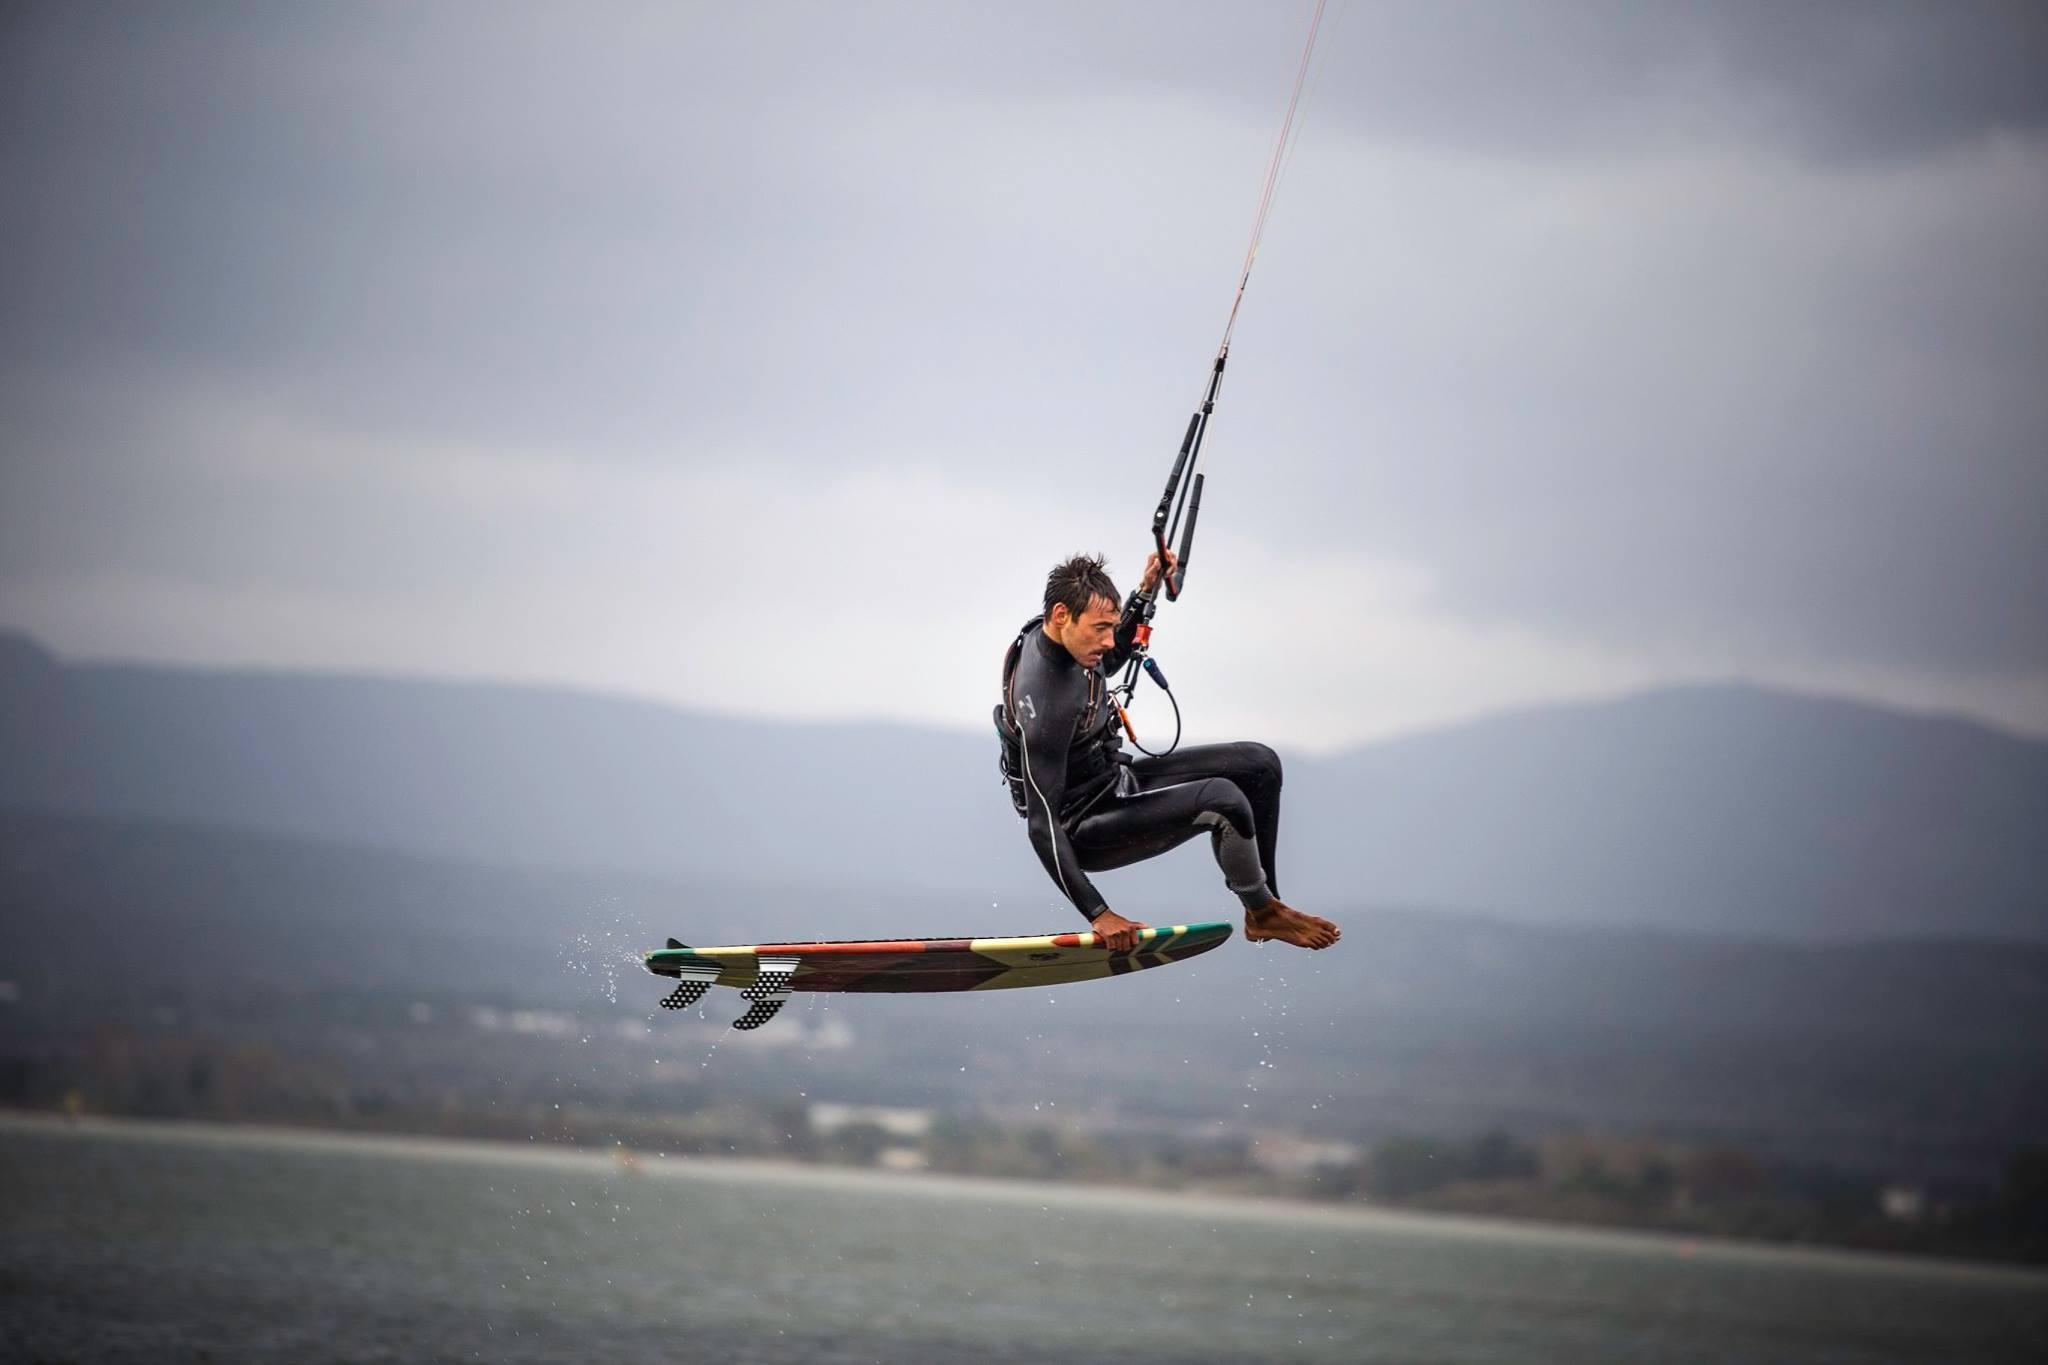 kite surf activité nautique